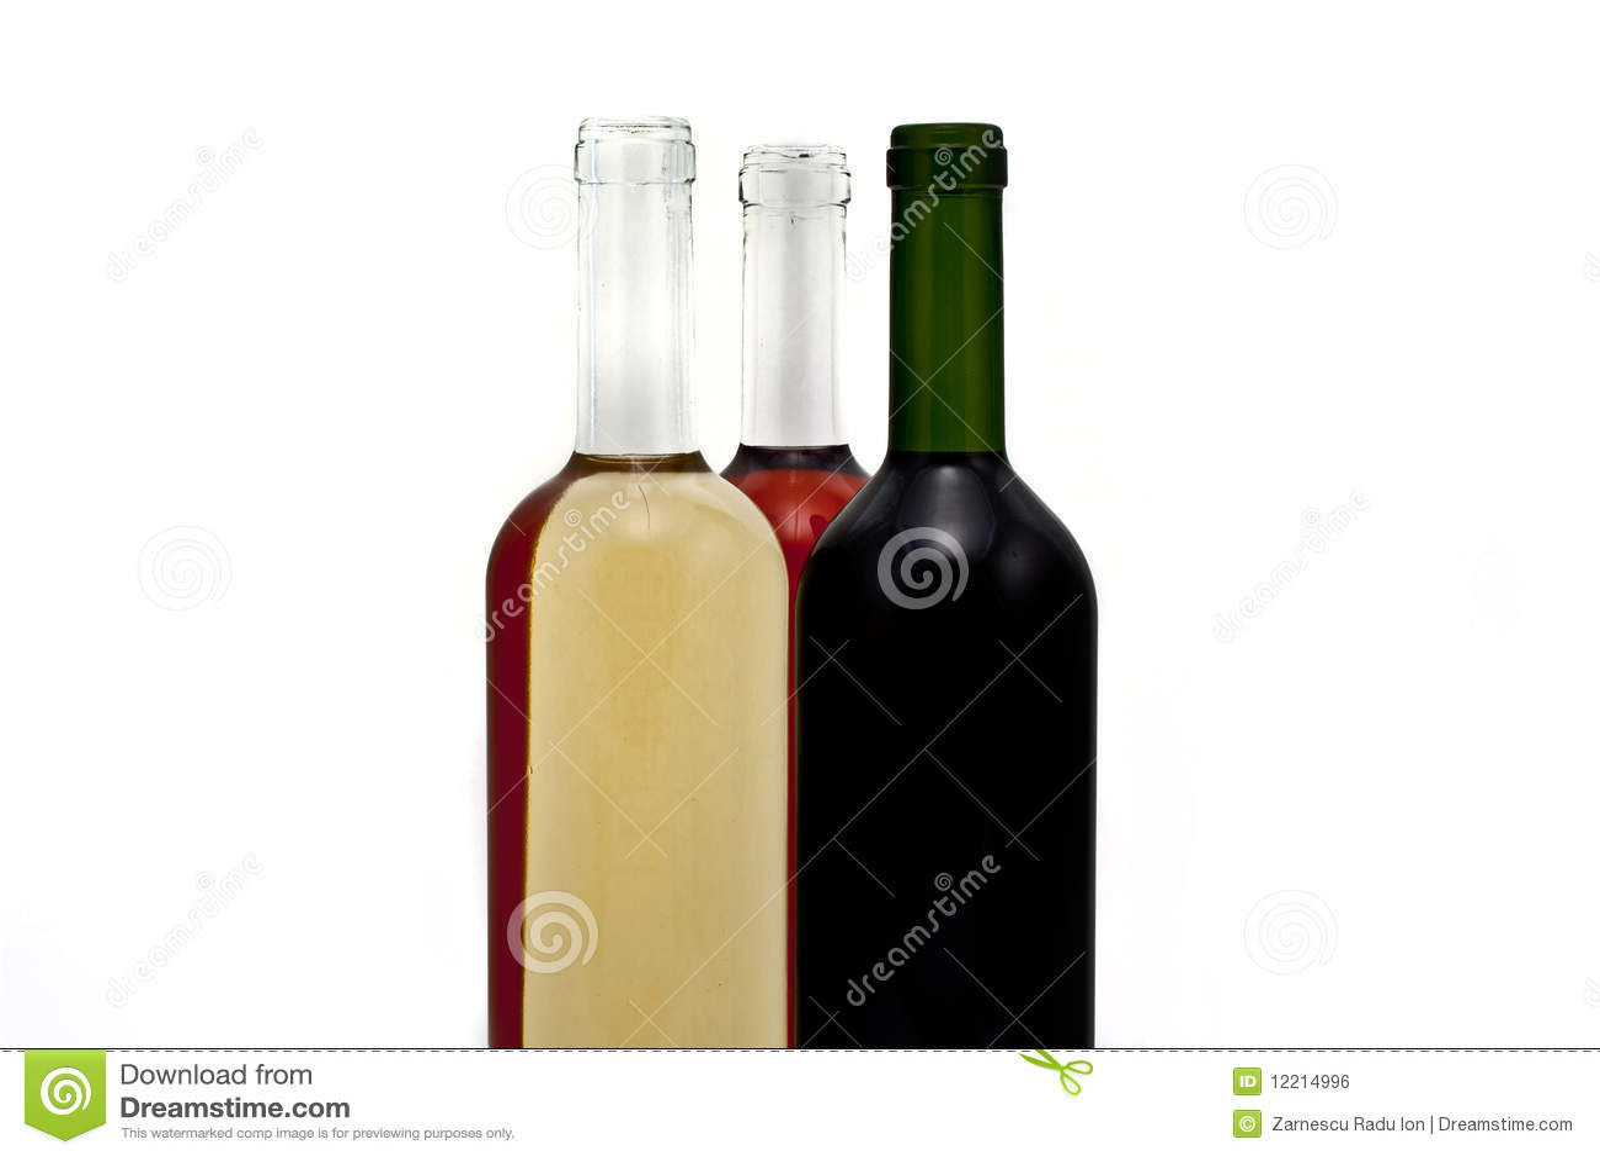 Un gruppo di tre bottiglie di vino.